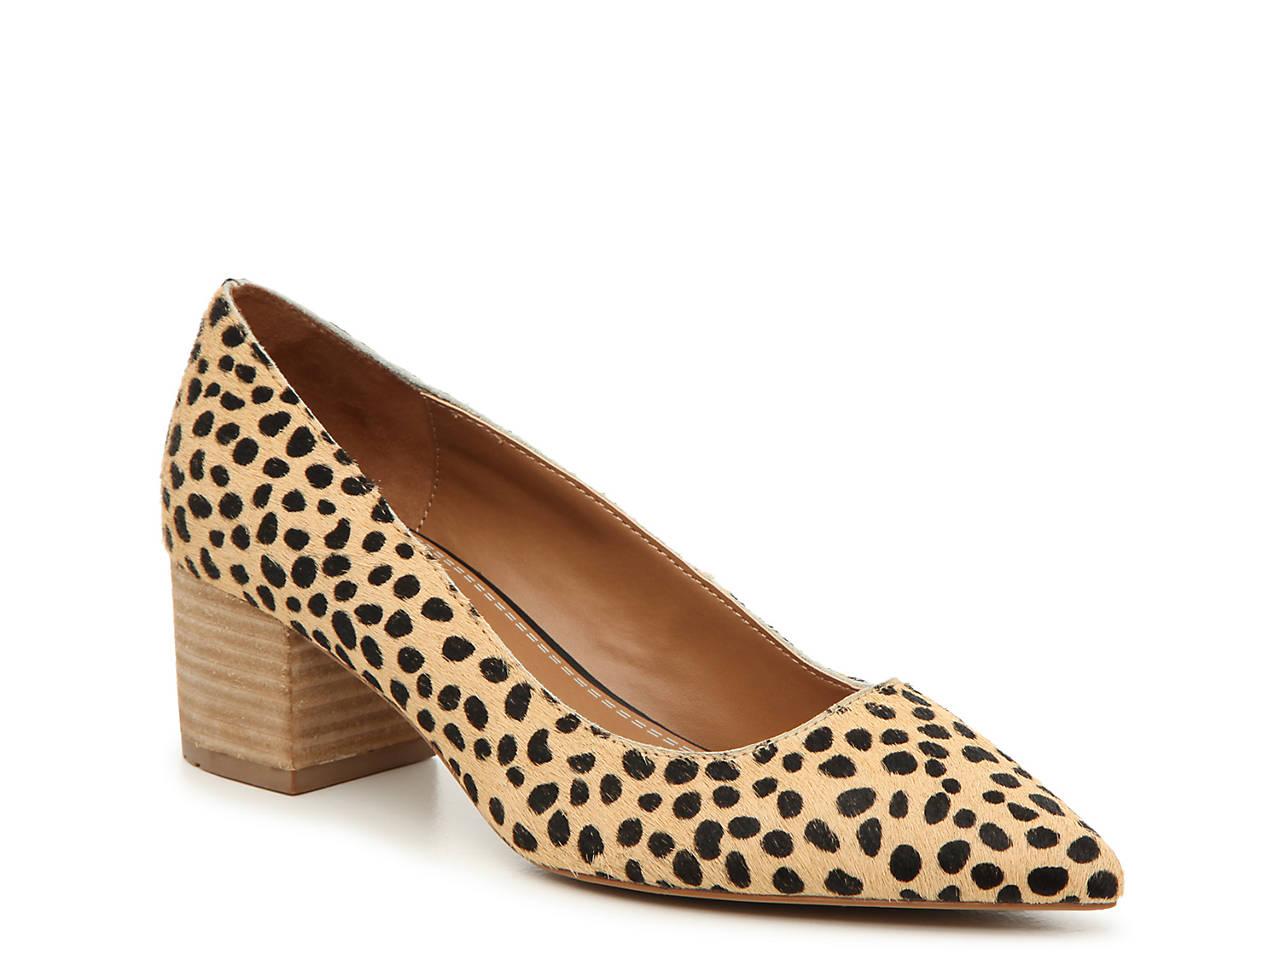 db8eb8016de Crown Vintage Juryan Pump Women s Shoes